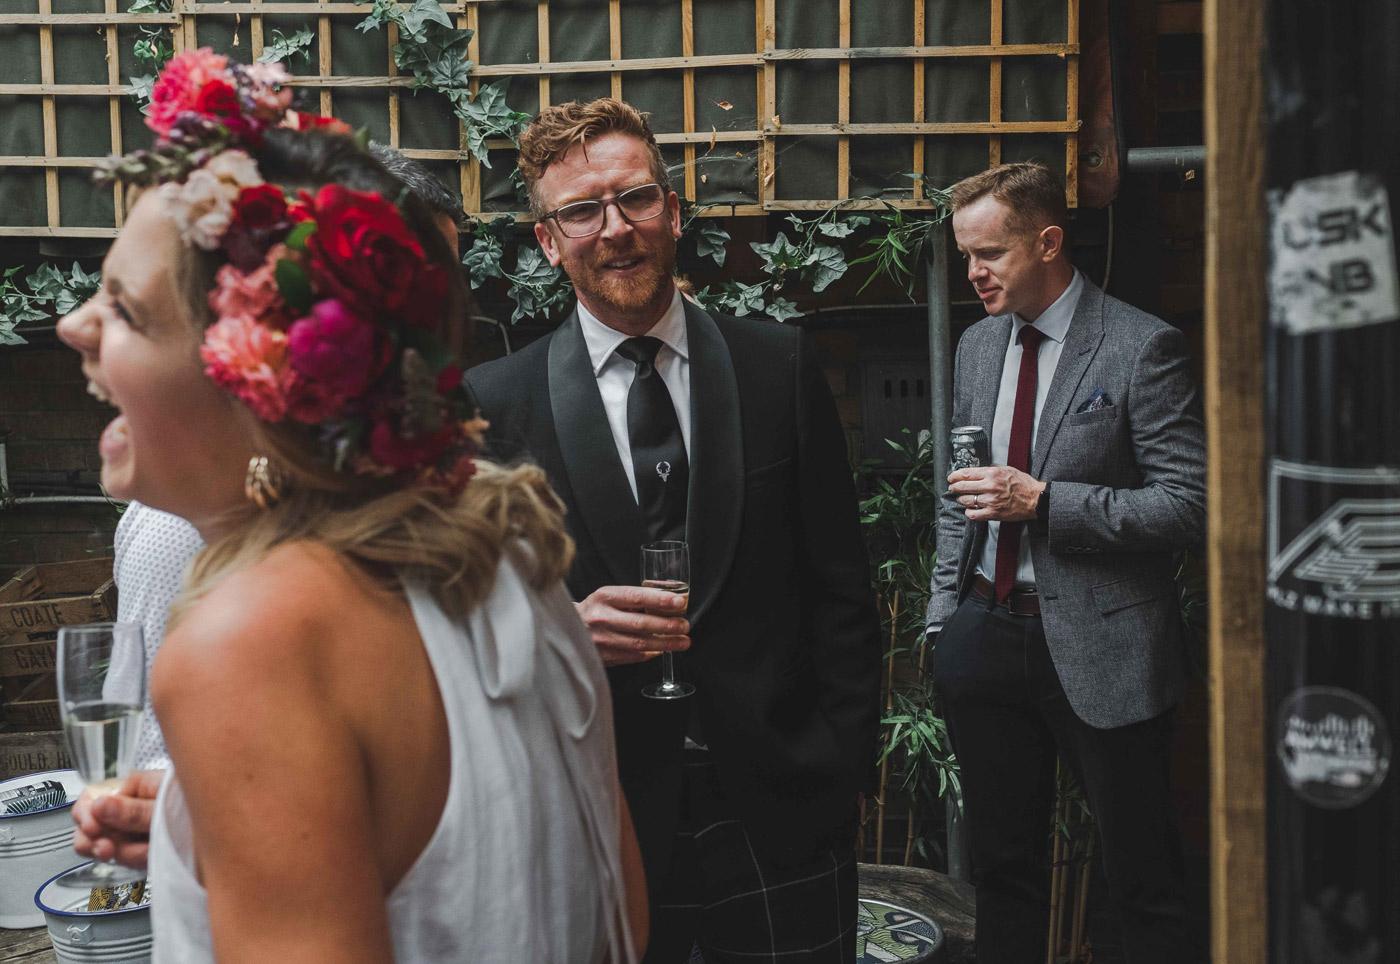 Wedding reception in Hackney, London fields brewery